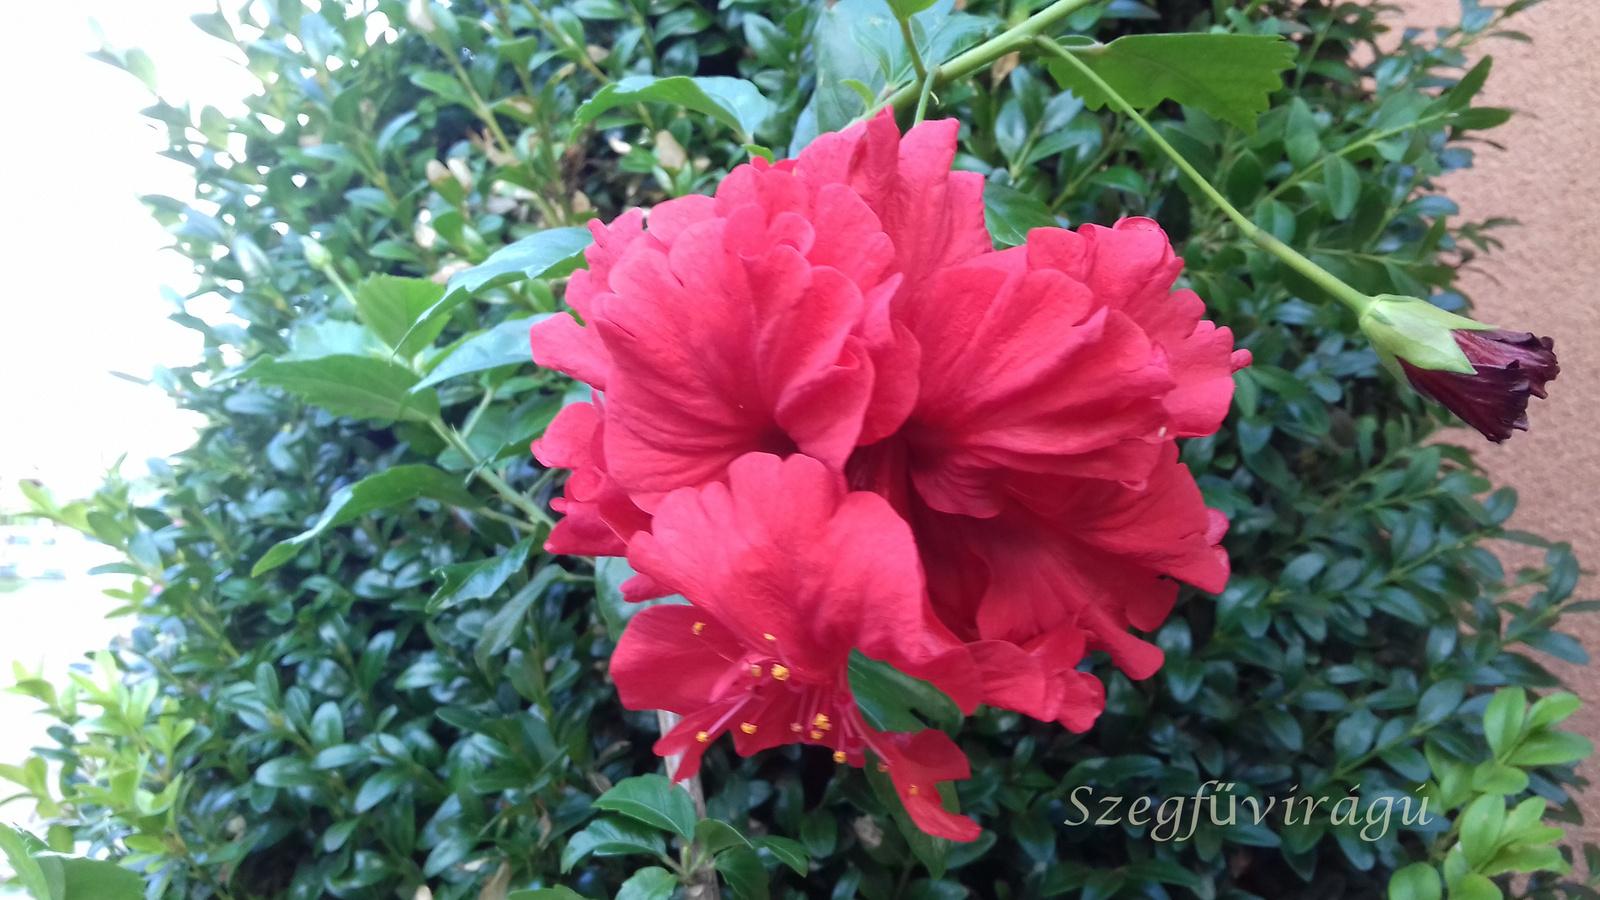 Szegfűvirágú